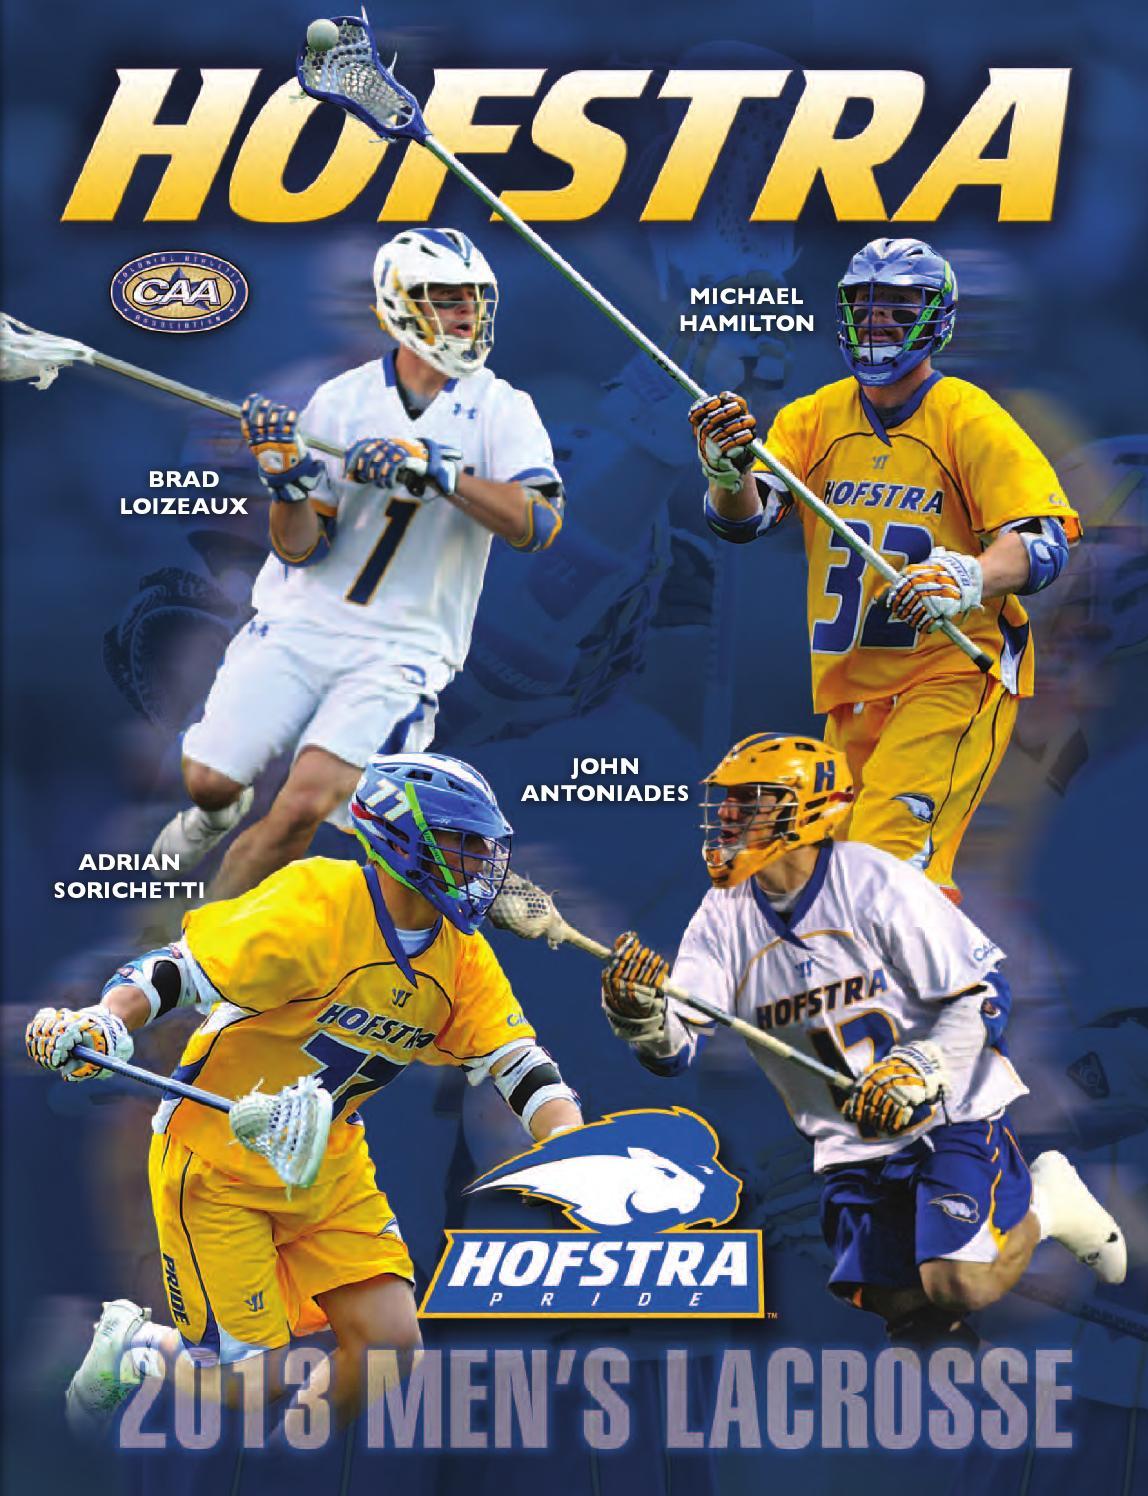 2013 Hofstra Menu0027s Lacrosse Media Guide By Hofstra University   Issuu